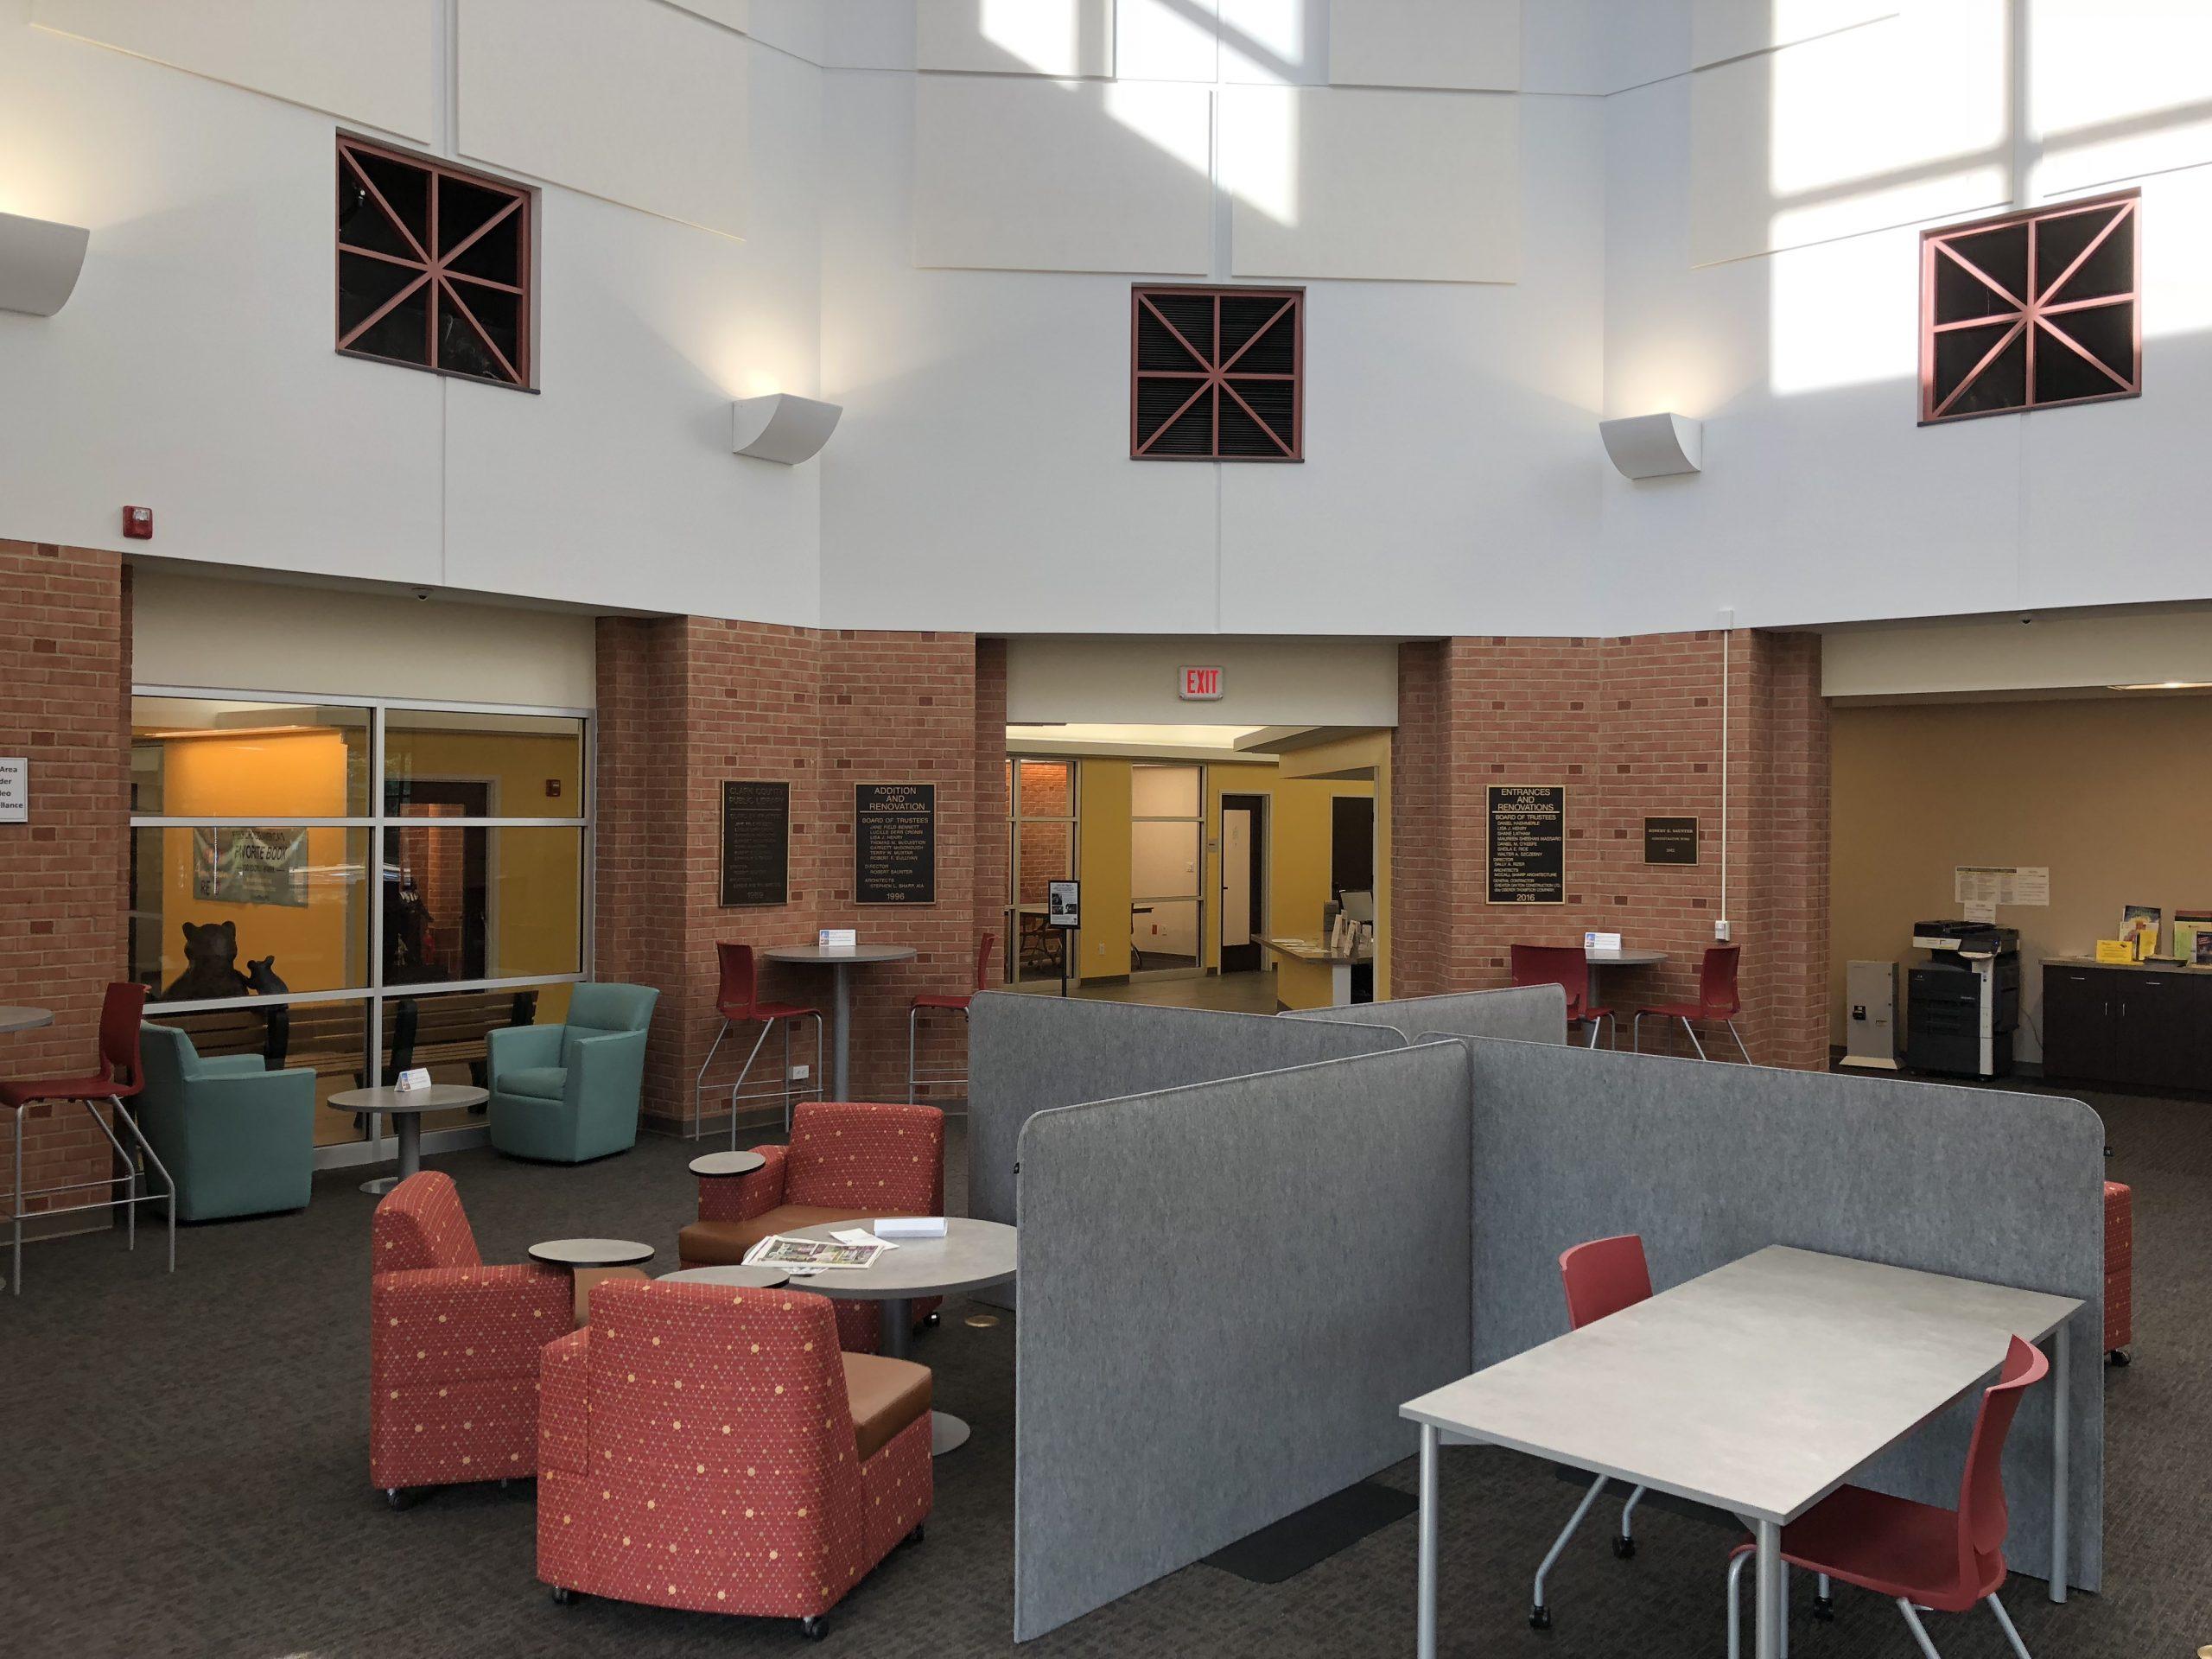 Main Library - Rotunda